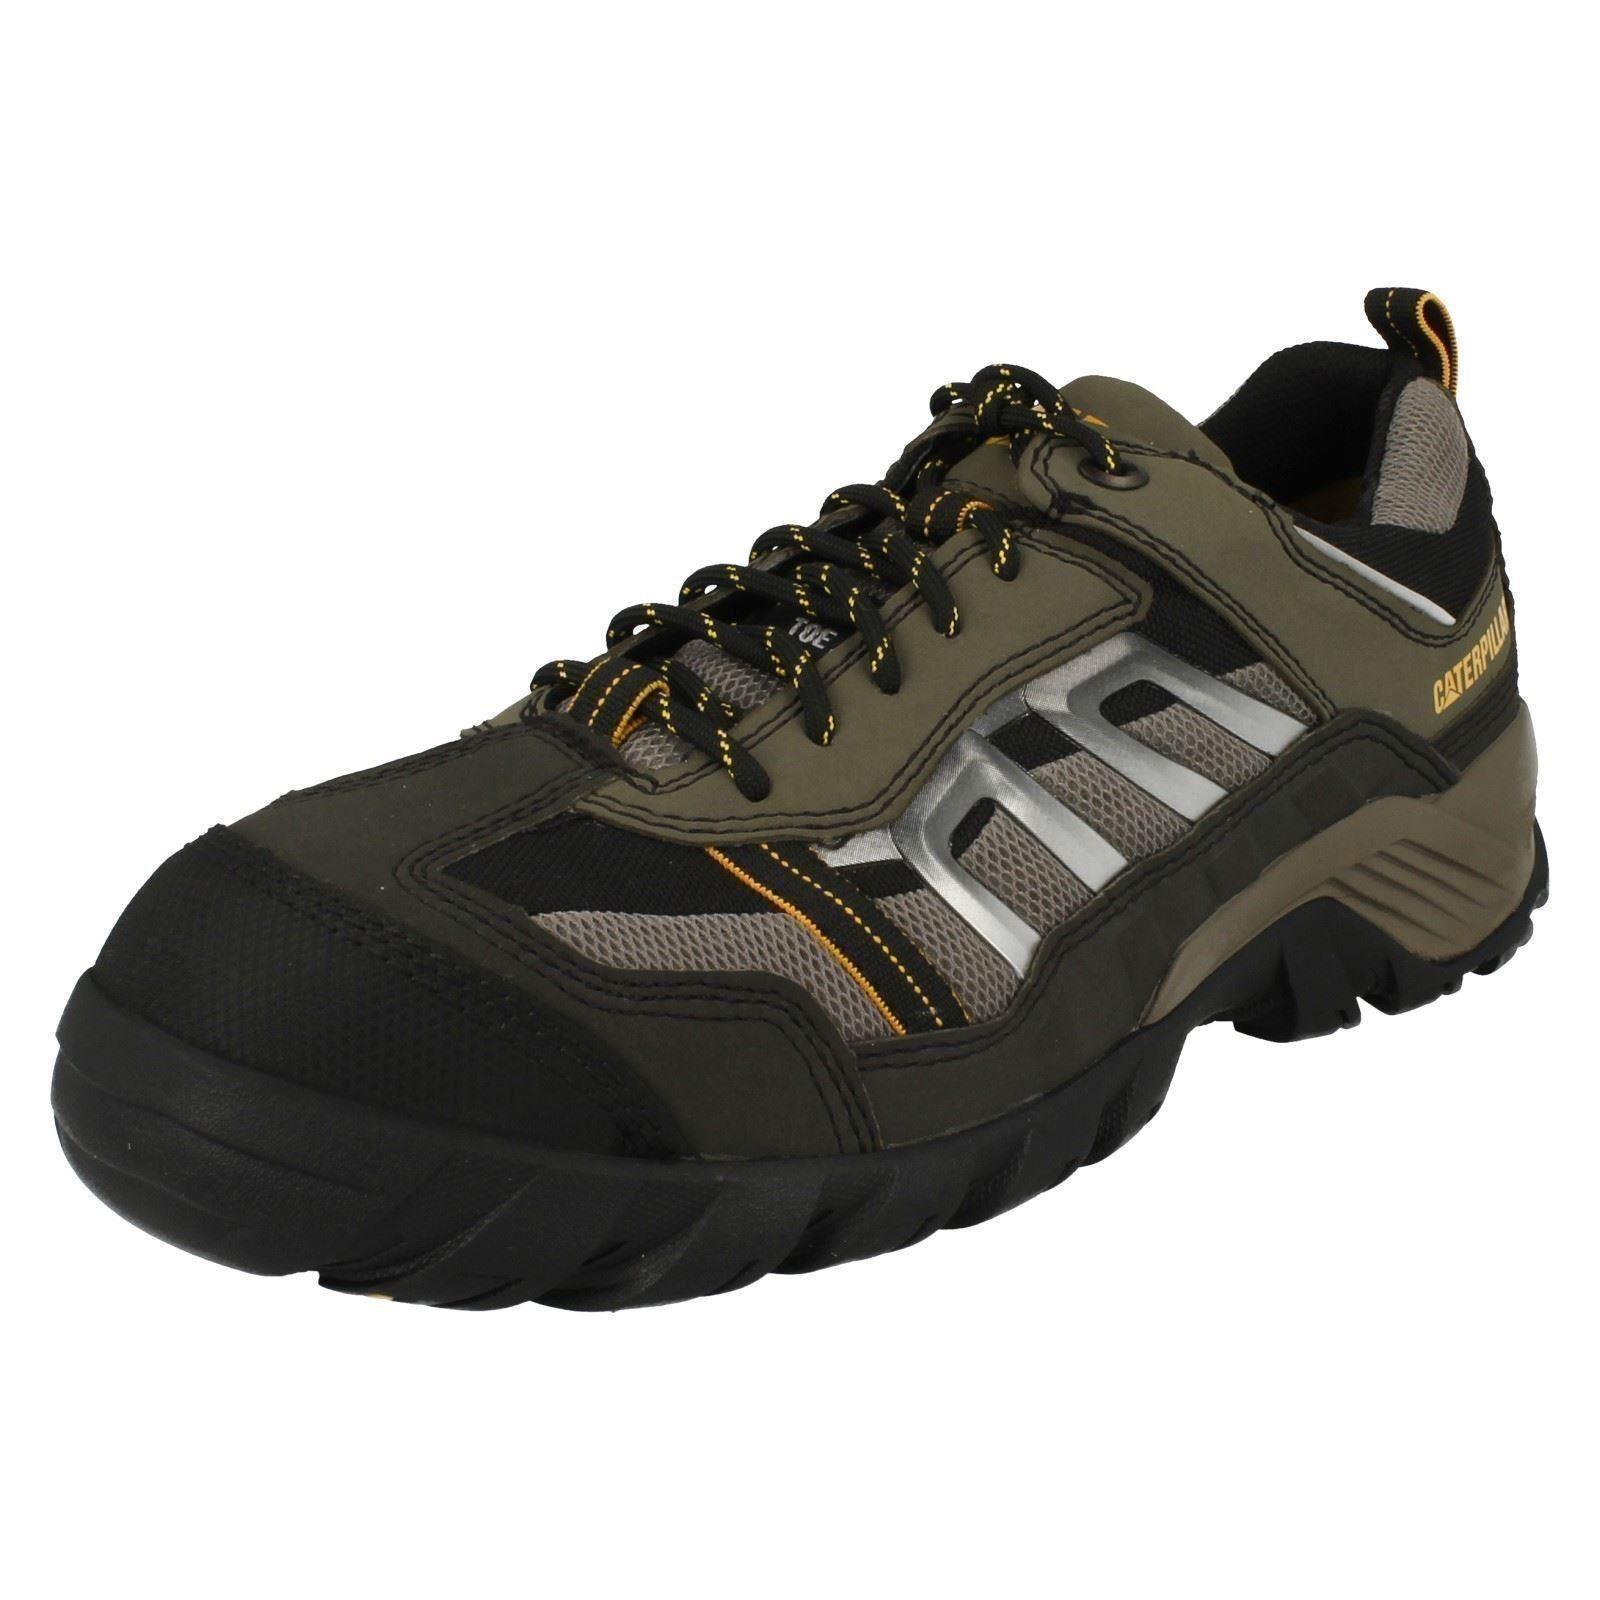 Scarpe casual da uomo Uomo Caterpillar Antiscivolo Antinfortunistiche scarpe- Marrone Pod/Grigio